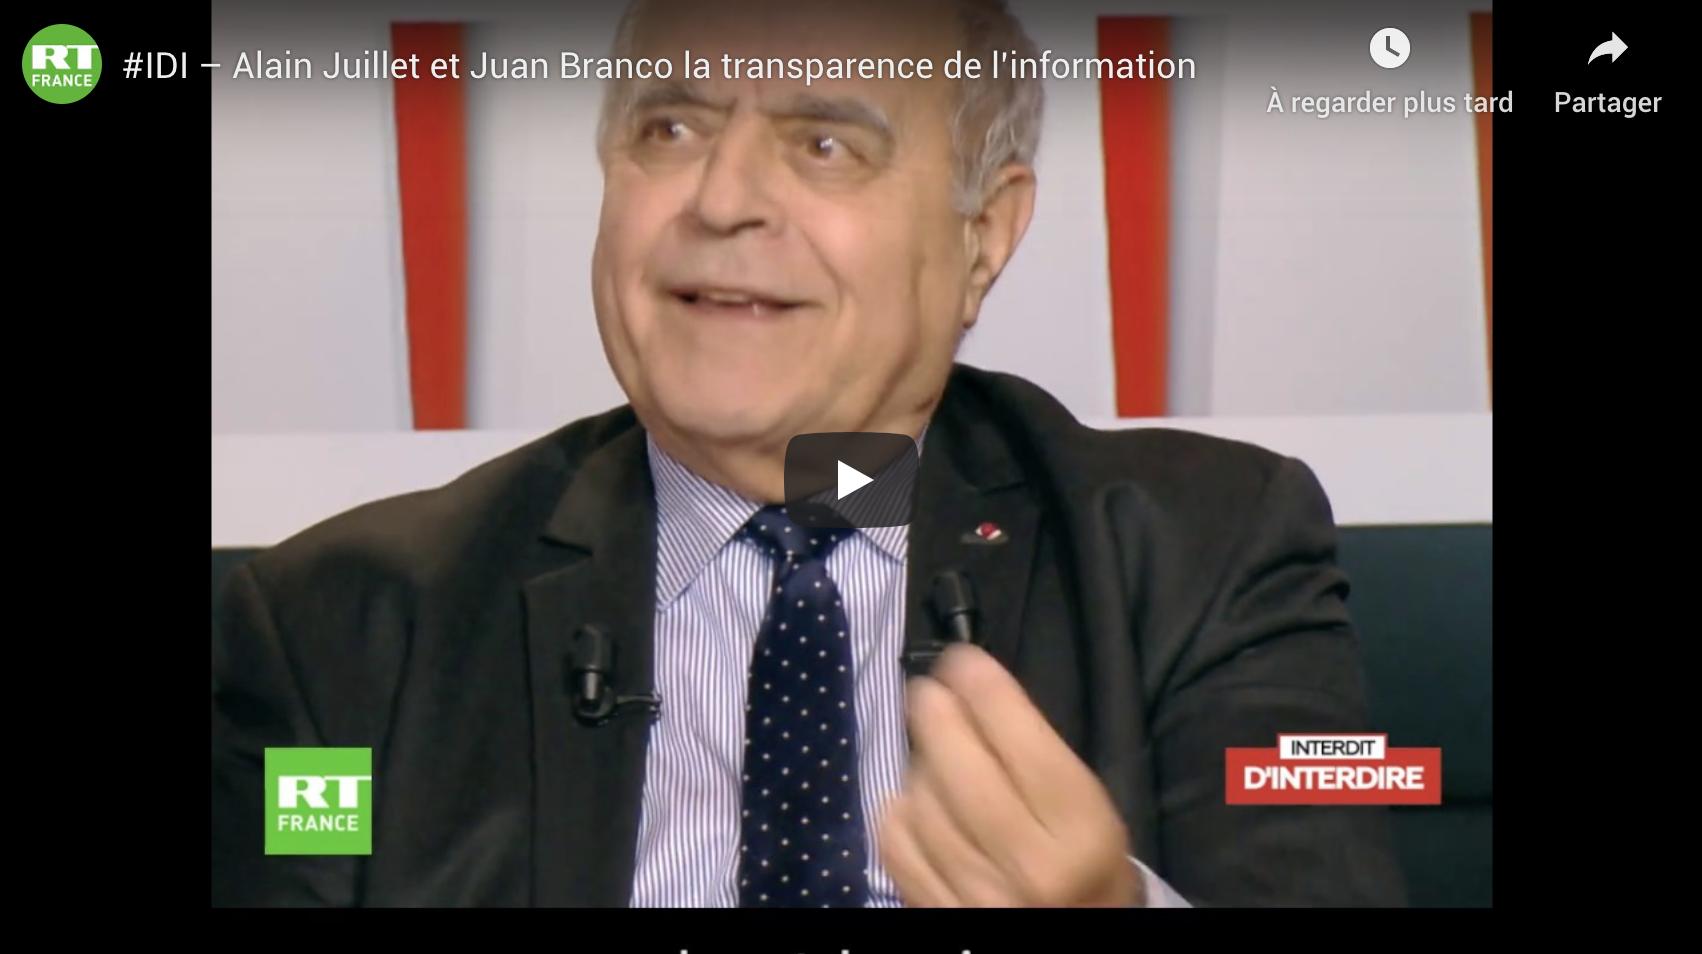 Alain Juillet, ancien directeur du renseignement de la DGSE : « Je n'ai pas envie de voir mon pays basculer dans la dictature par un excès de transparence » (VIDÉO)